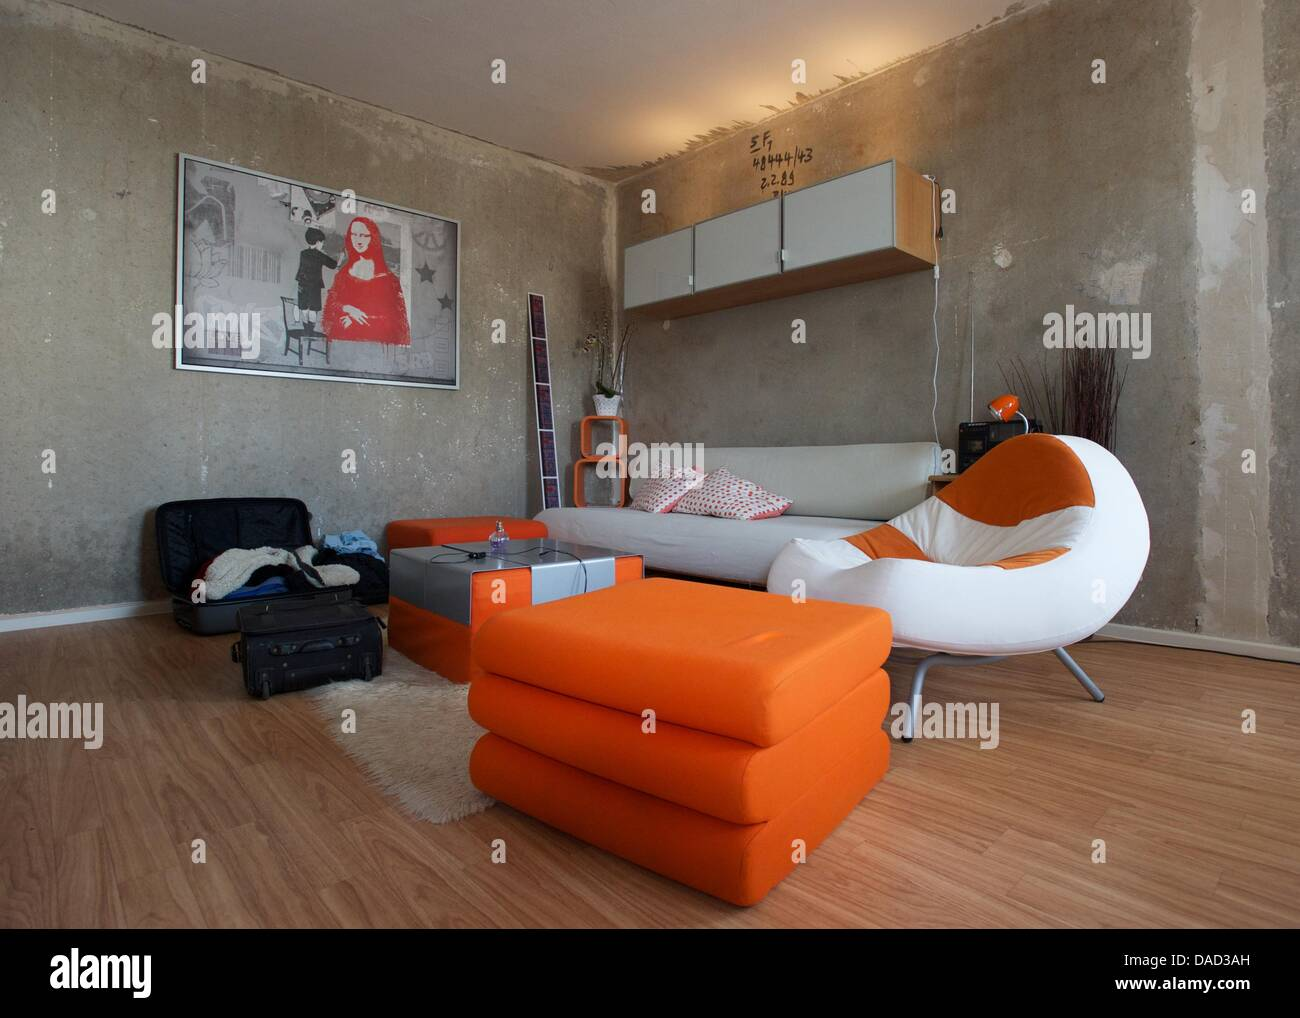 Das Wohnzimmer einer 2-Zimmer-Plattenbauwohnung, aufgenommen am ...